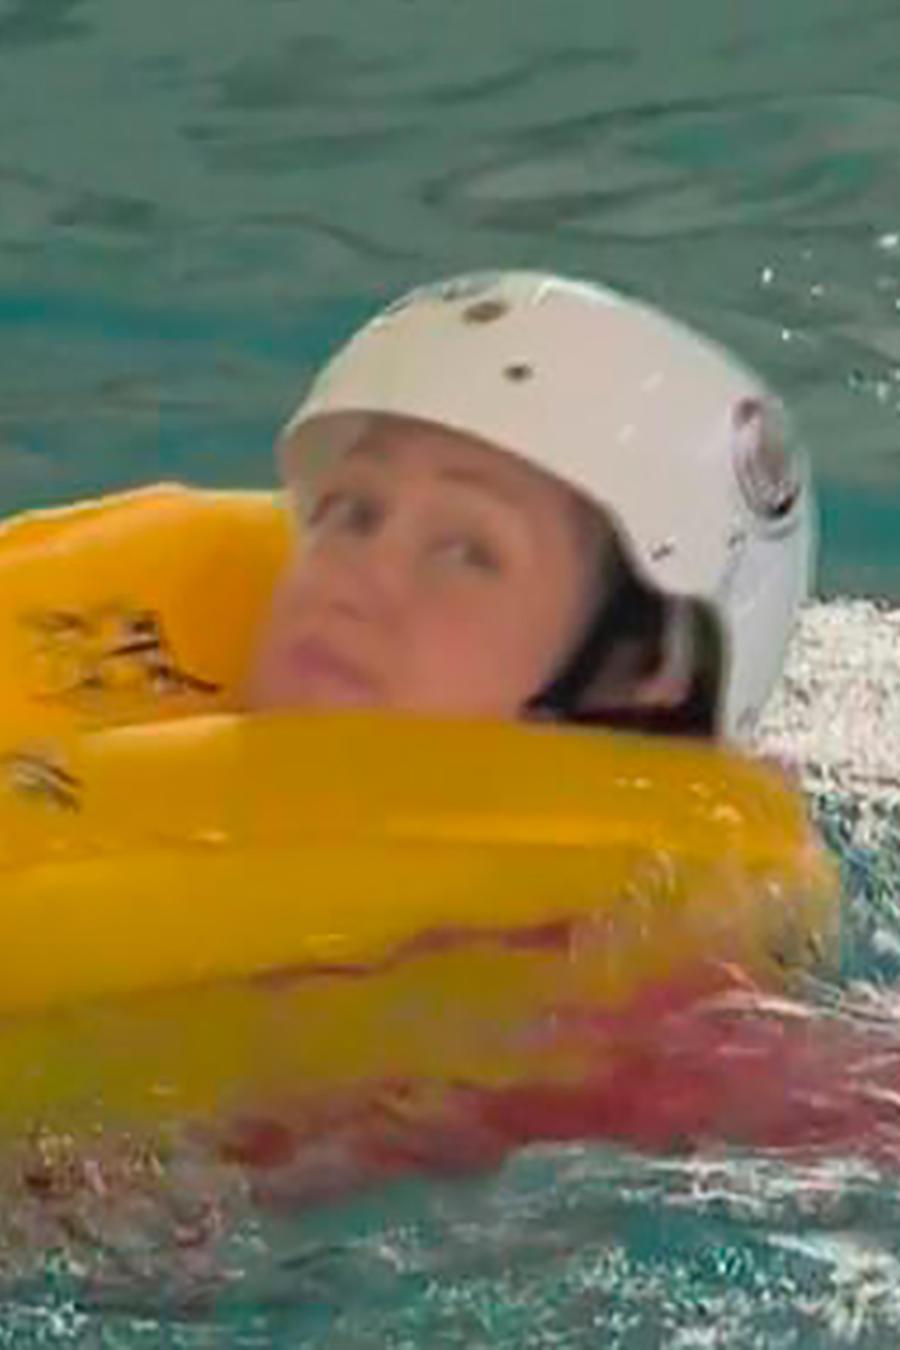 Te damos las mejores recomendaciones de seguridad para sobrevivir un accidente en el agua